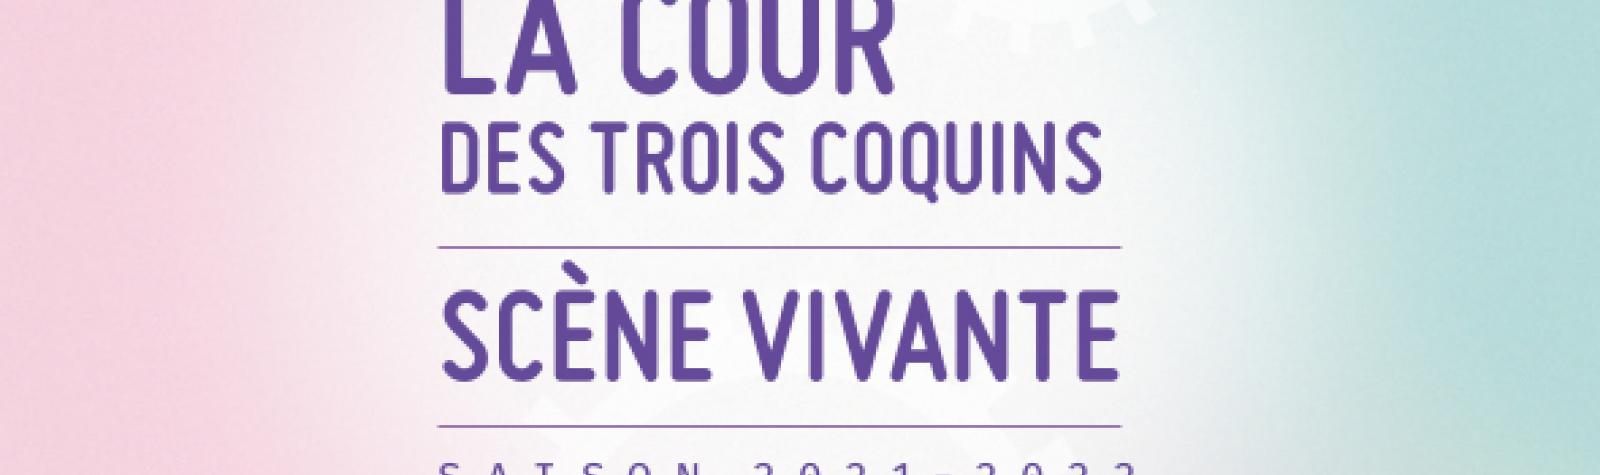 © La Cour des  3 coquins 2021 2022